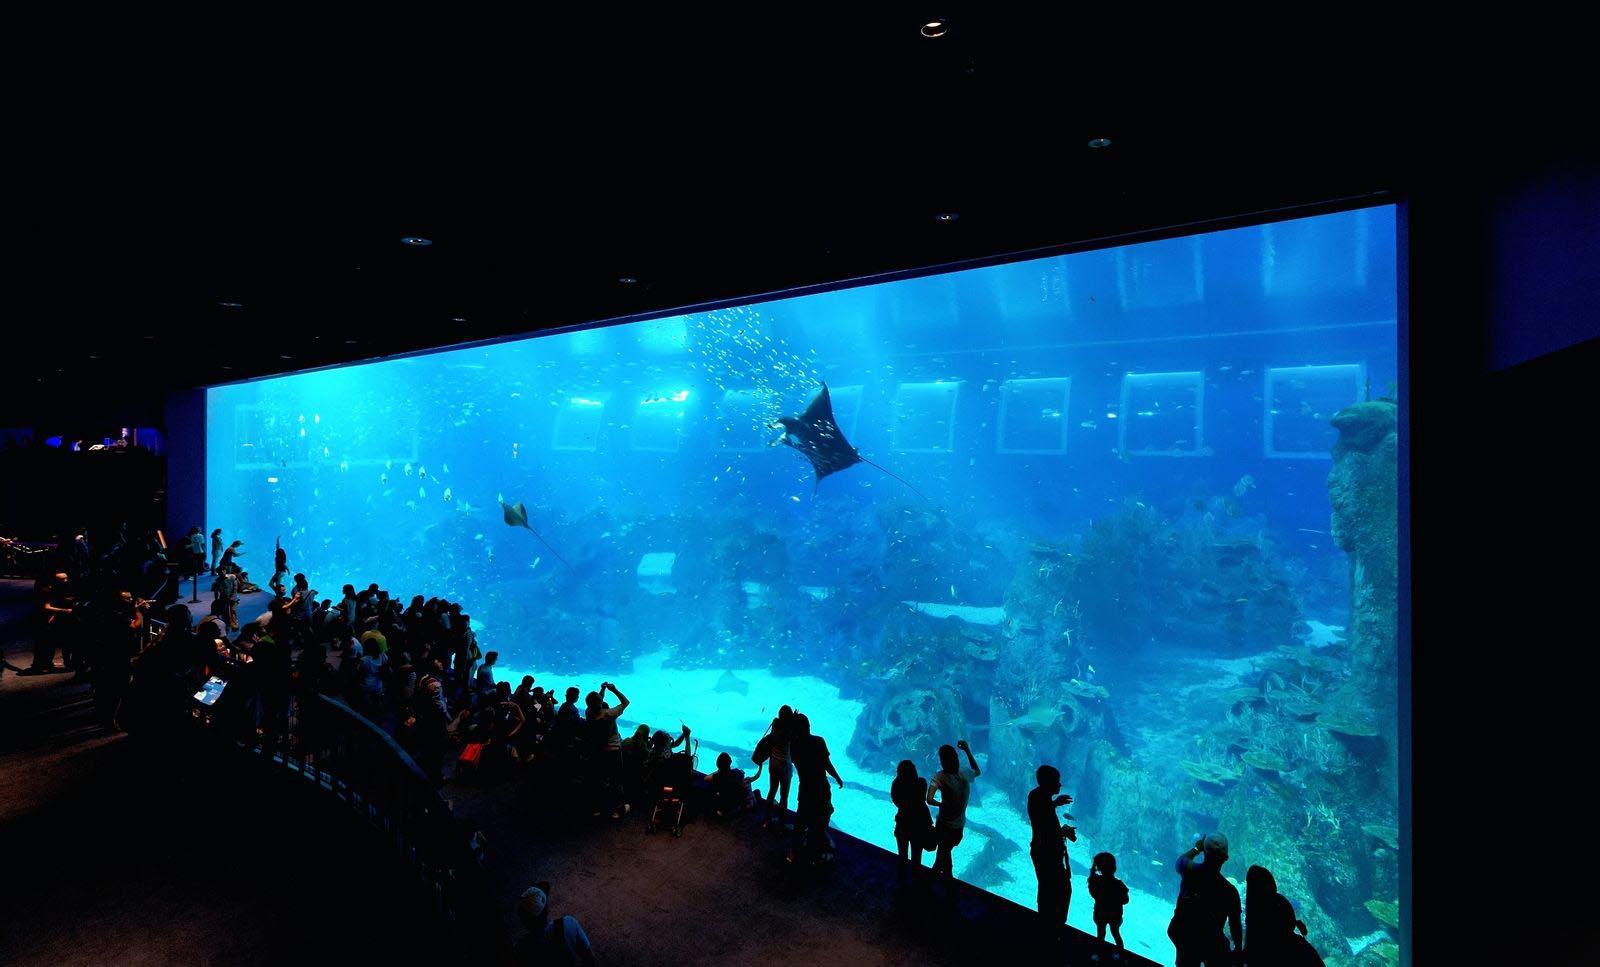 新加坡自由行攻略行程:新加坡聖陶沙島 - 新加坡海底世界,參觀亞州最大的熱帶水族館 - Travelliker 愛遊人